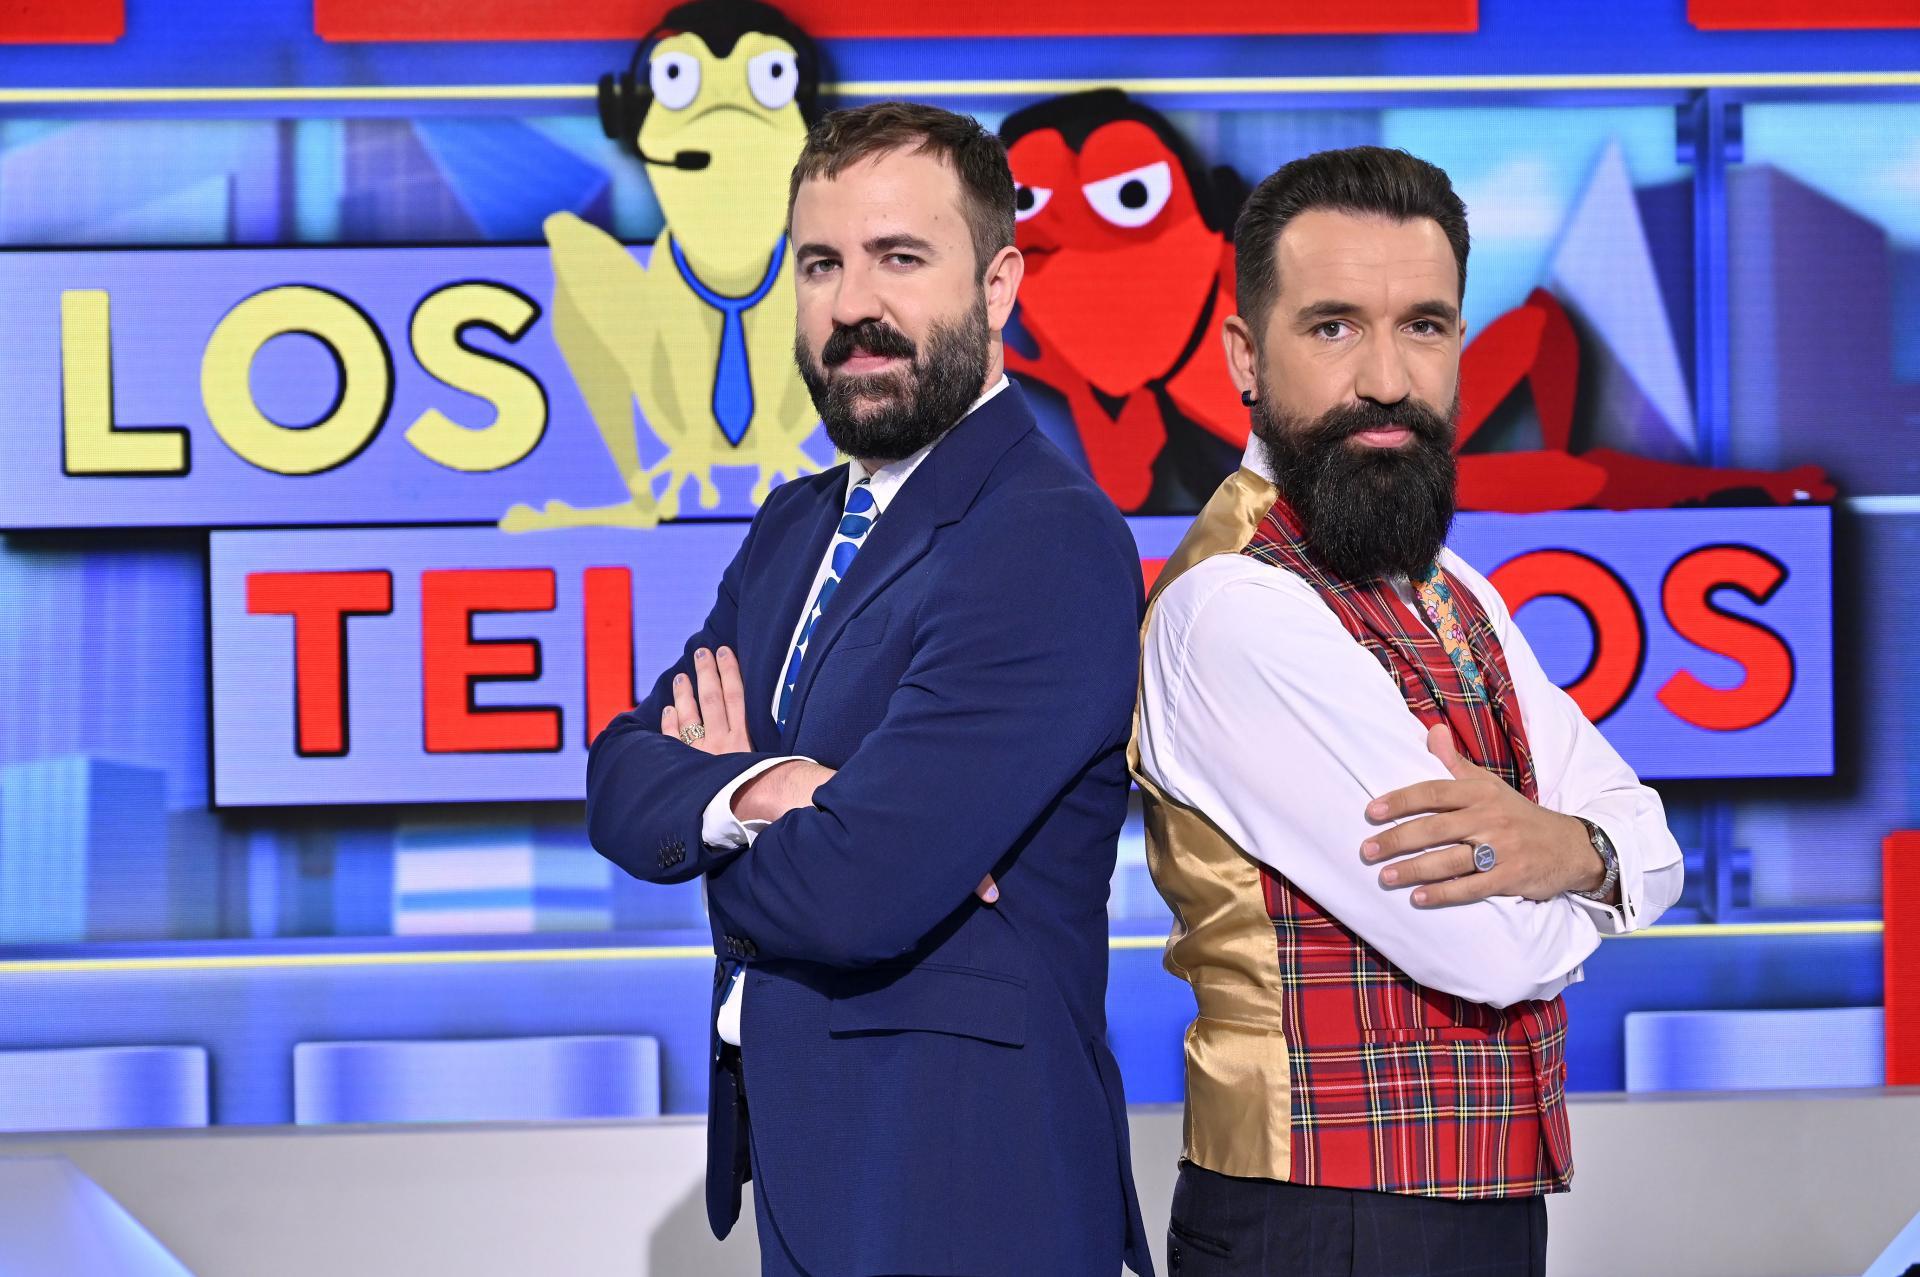 Revolución en Telecinco: adelanta su prime time a las 20 horas